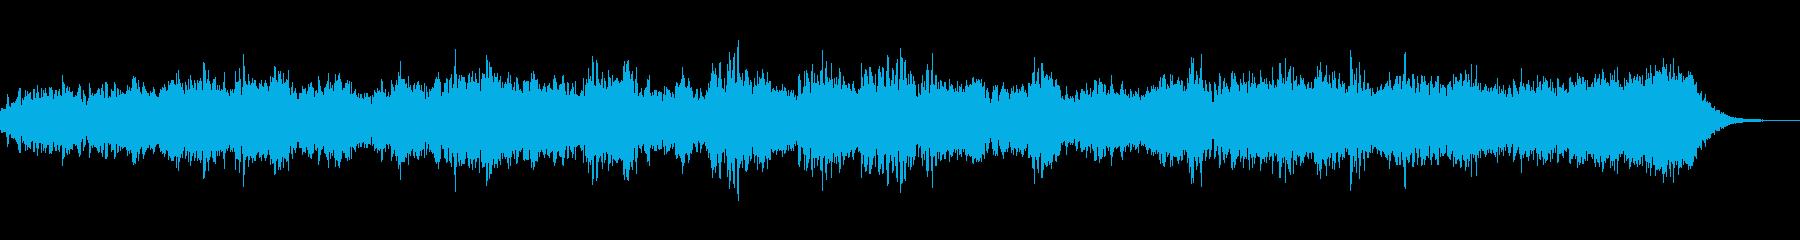 レトロシンセをテーマにしたアンビエントの再生済みの波形